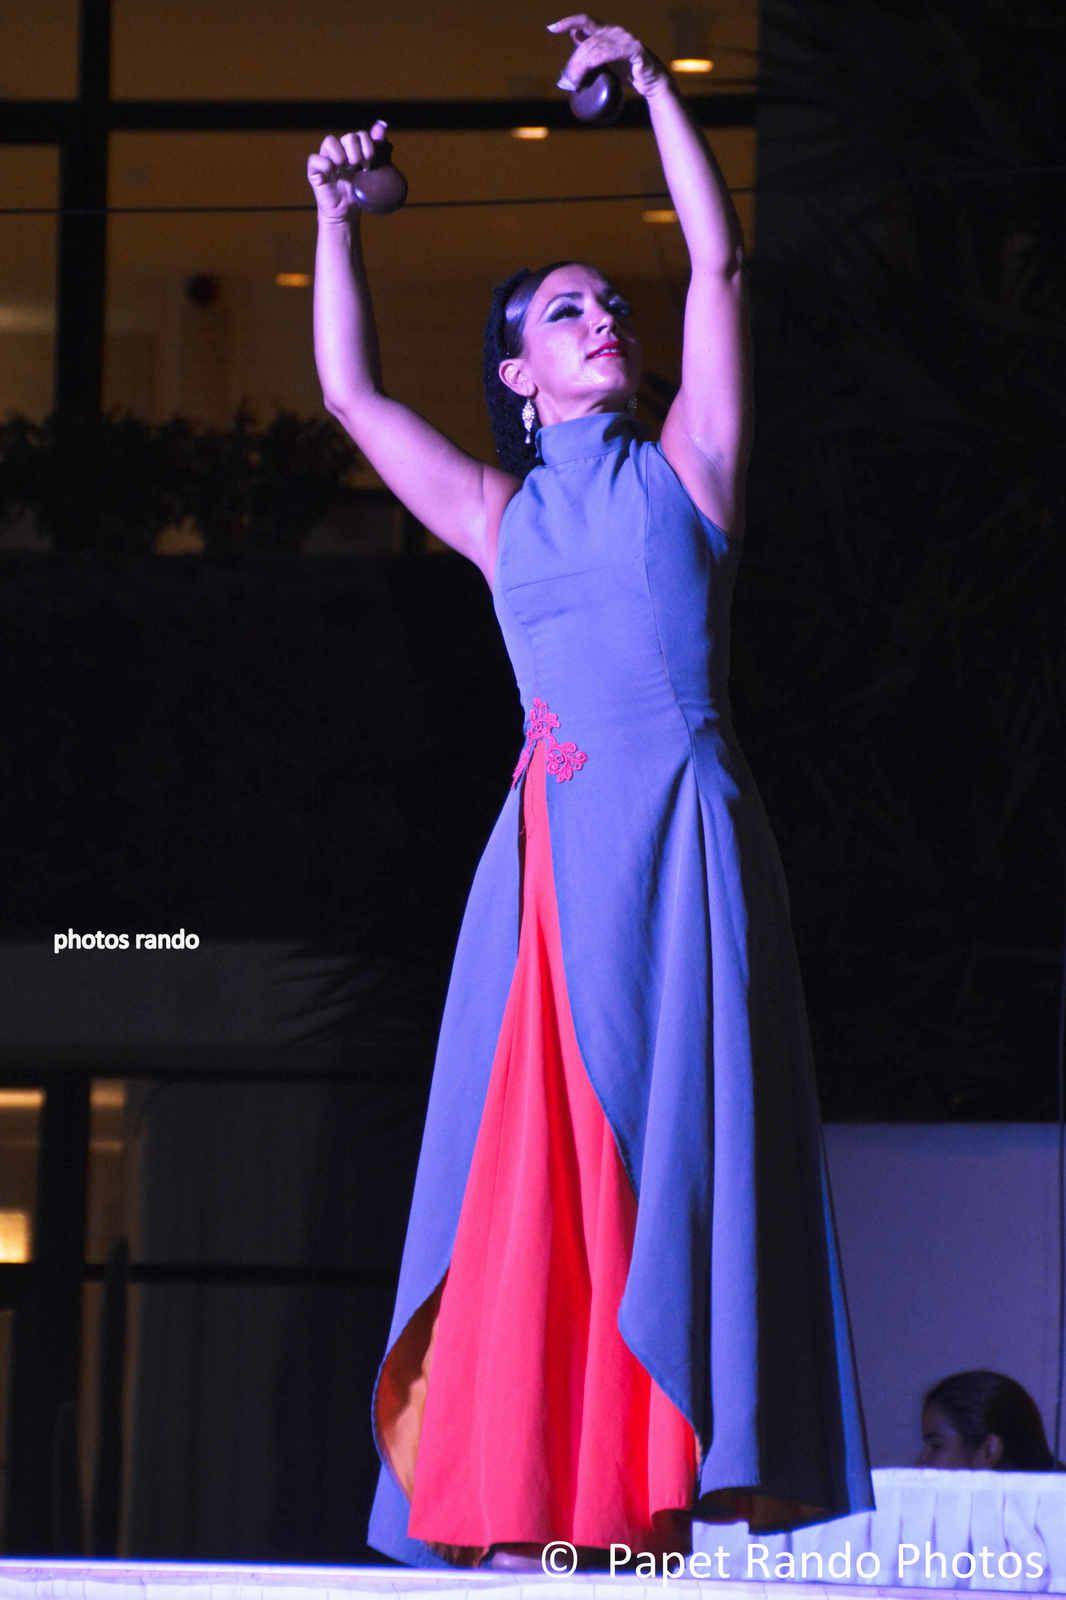 Danseurs Flamenco de renommée internationale en direct d'Espagne